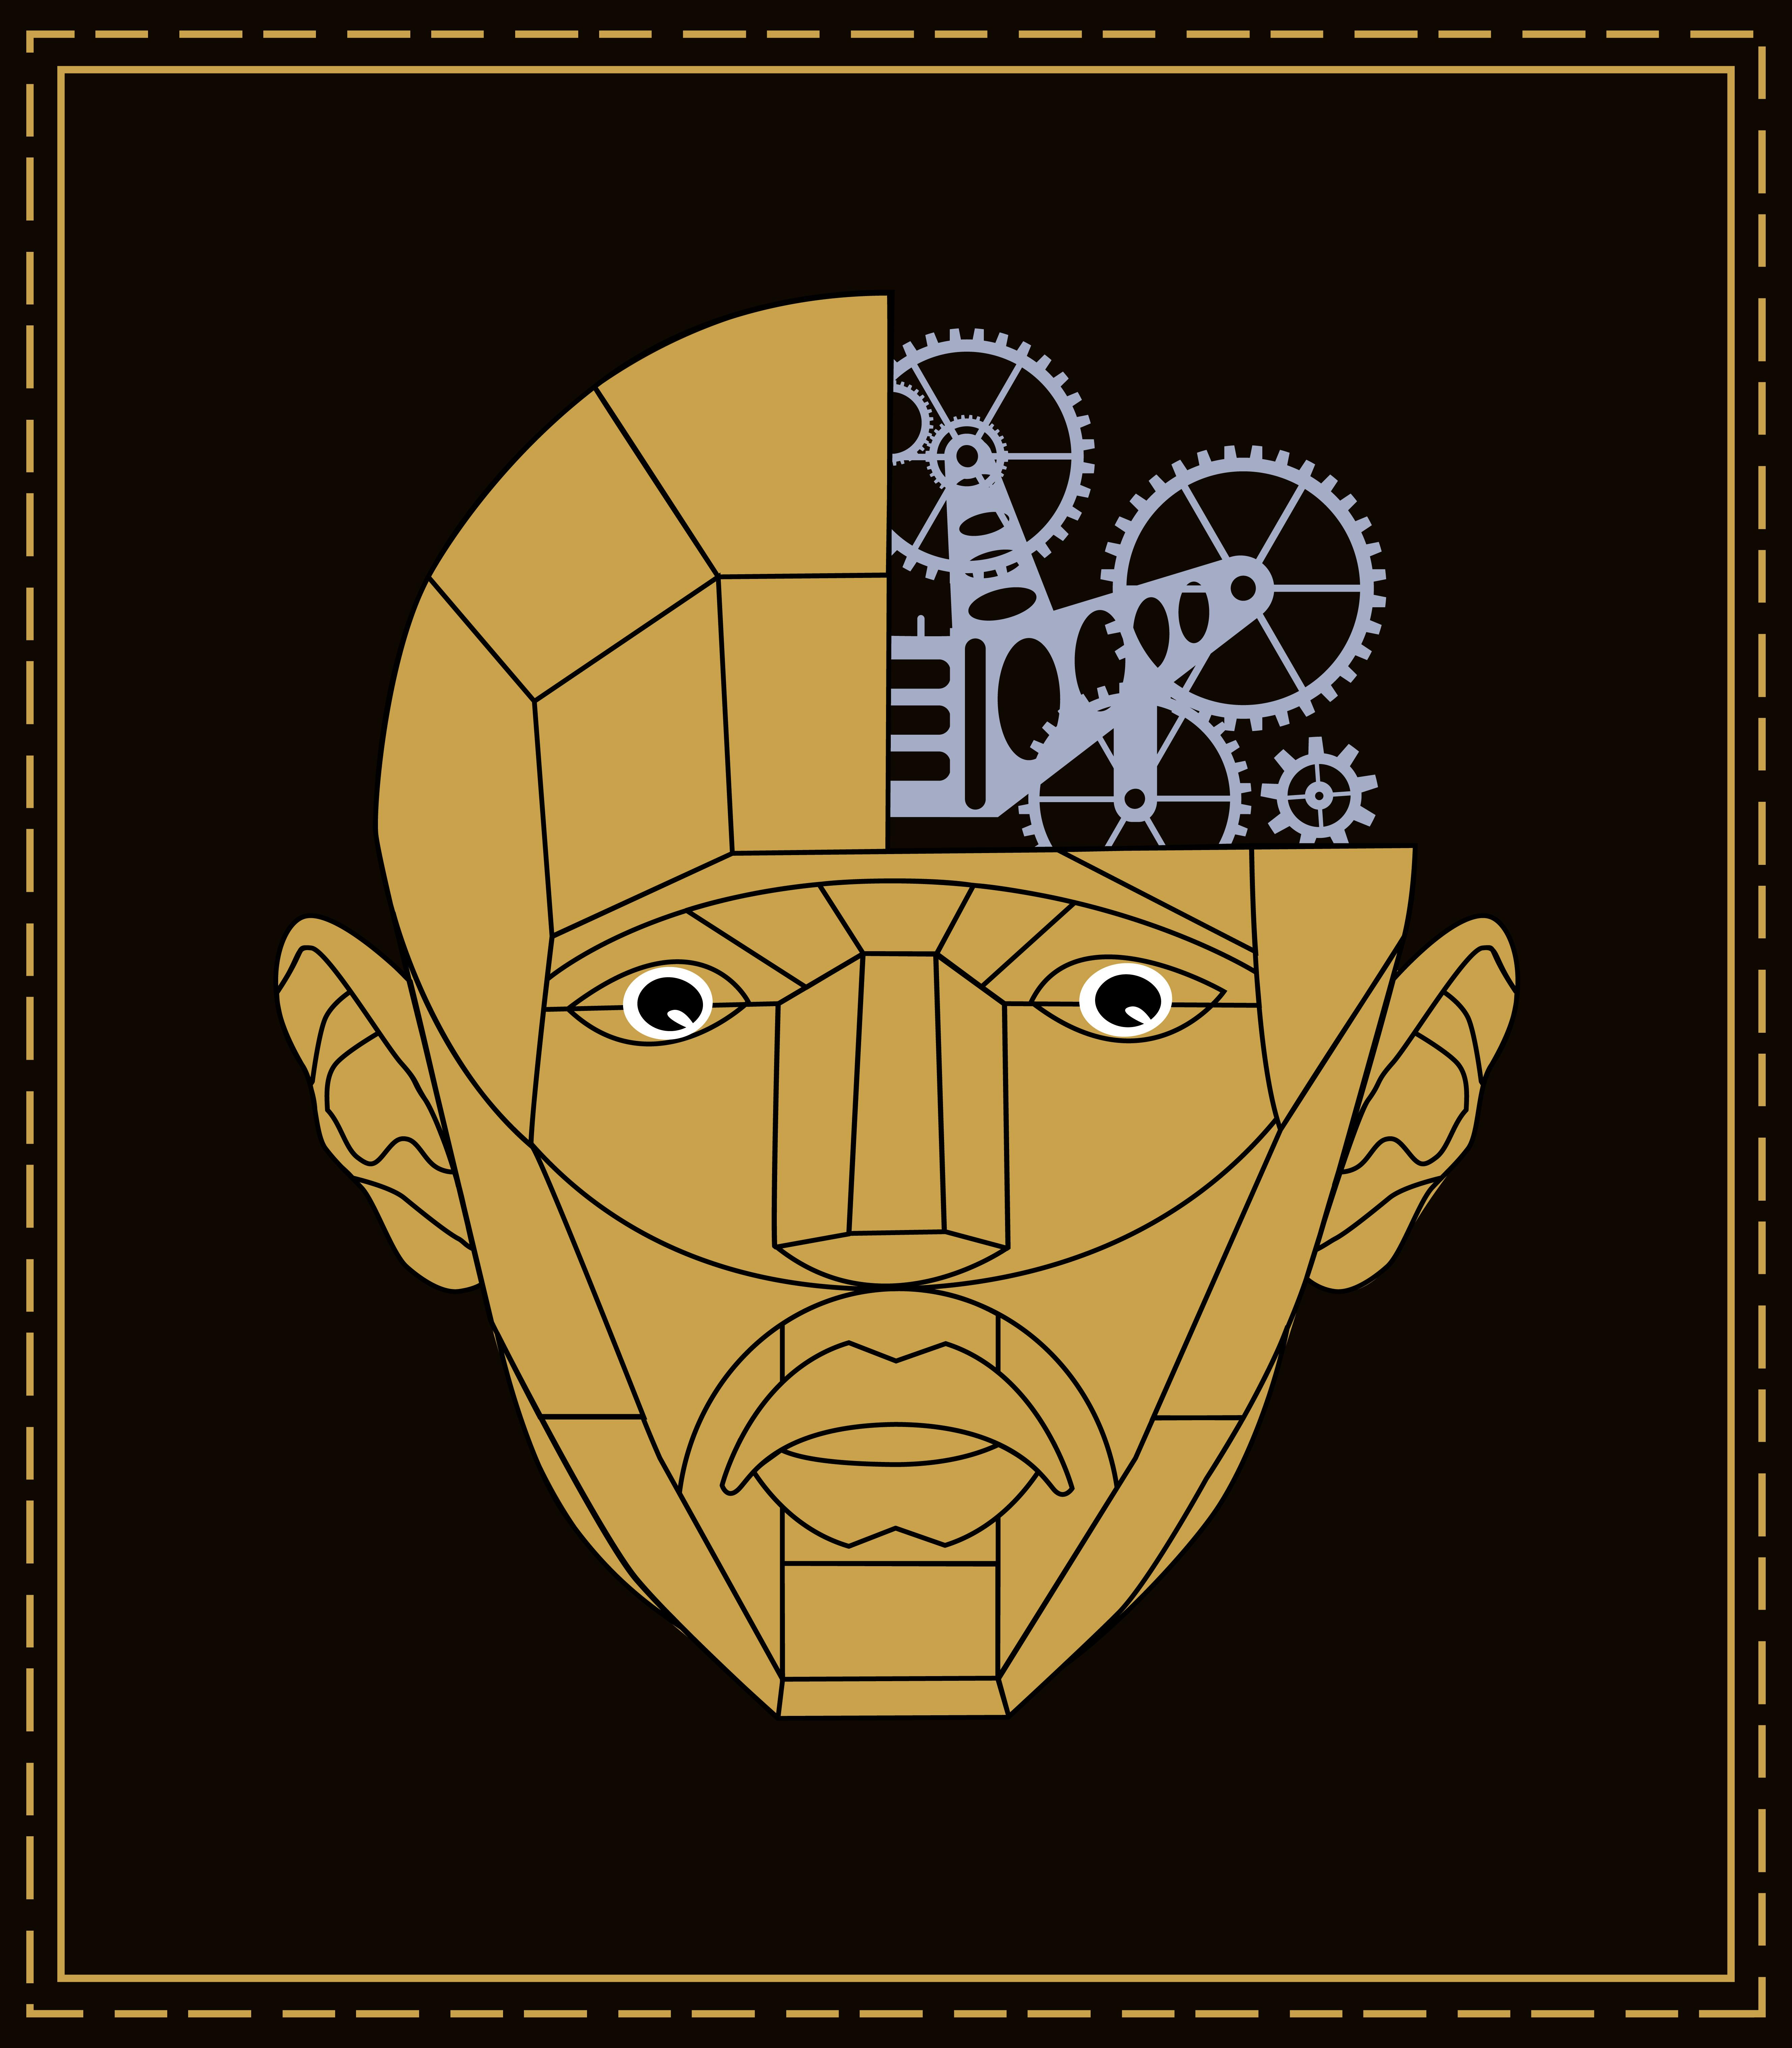 стилизация головы человека картинки